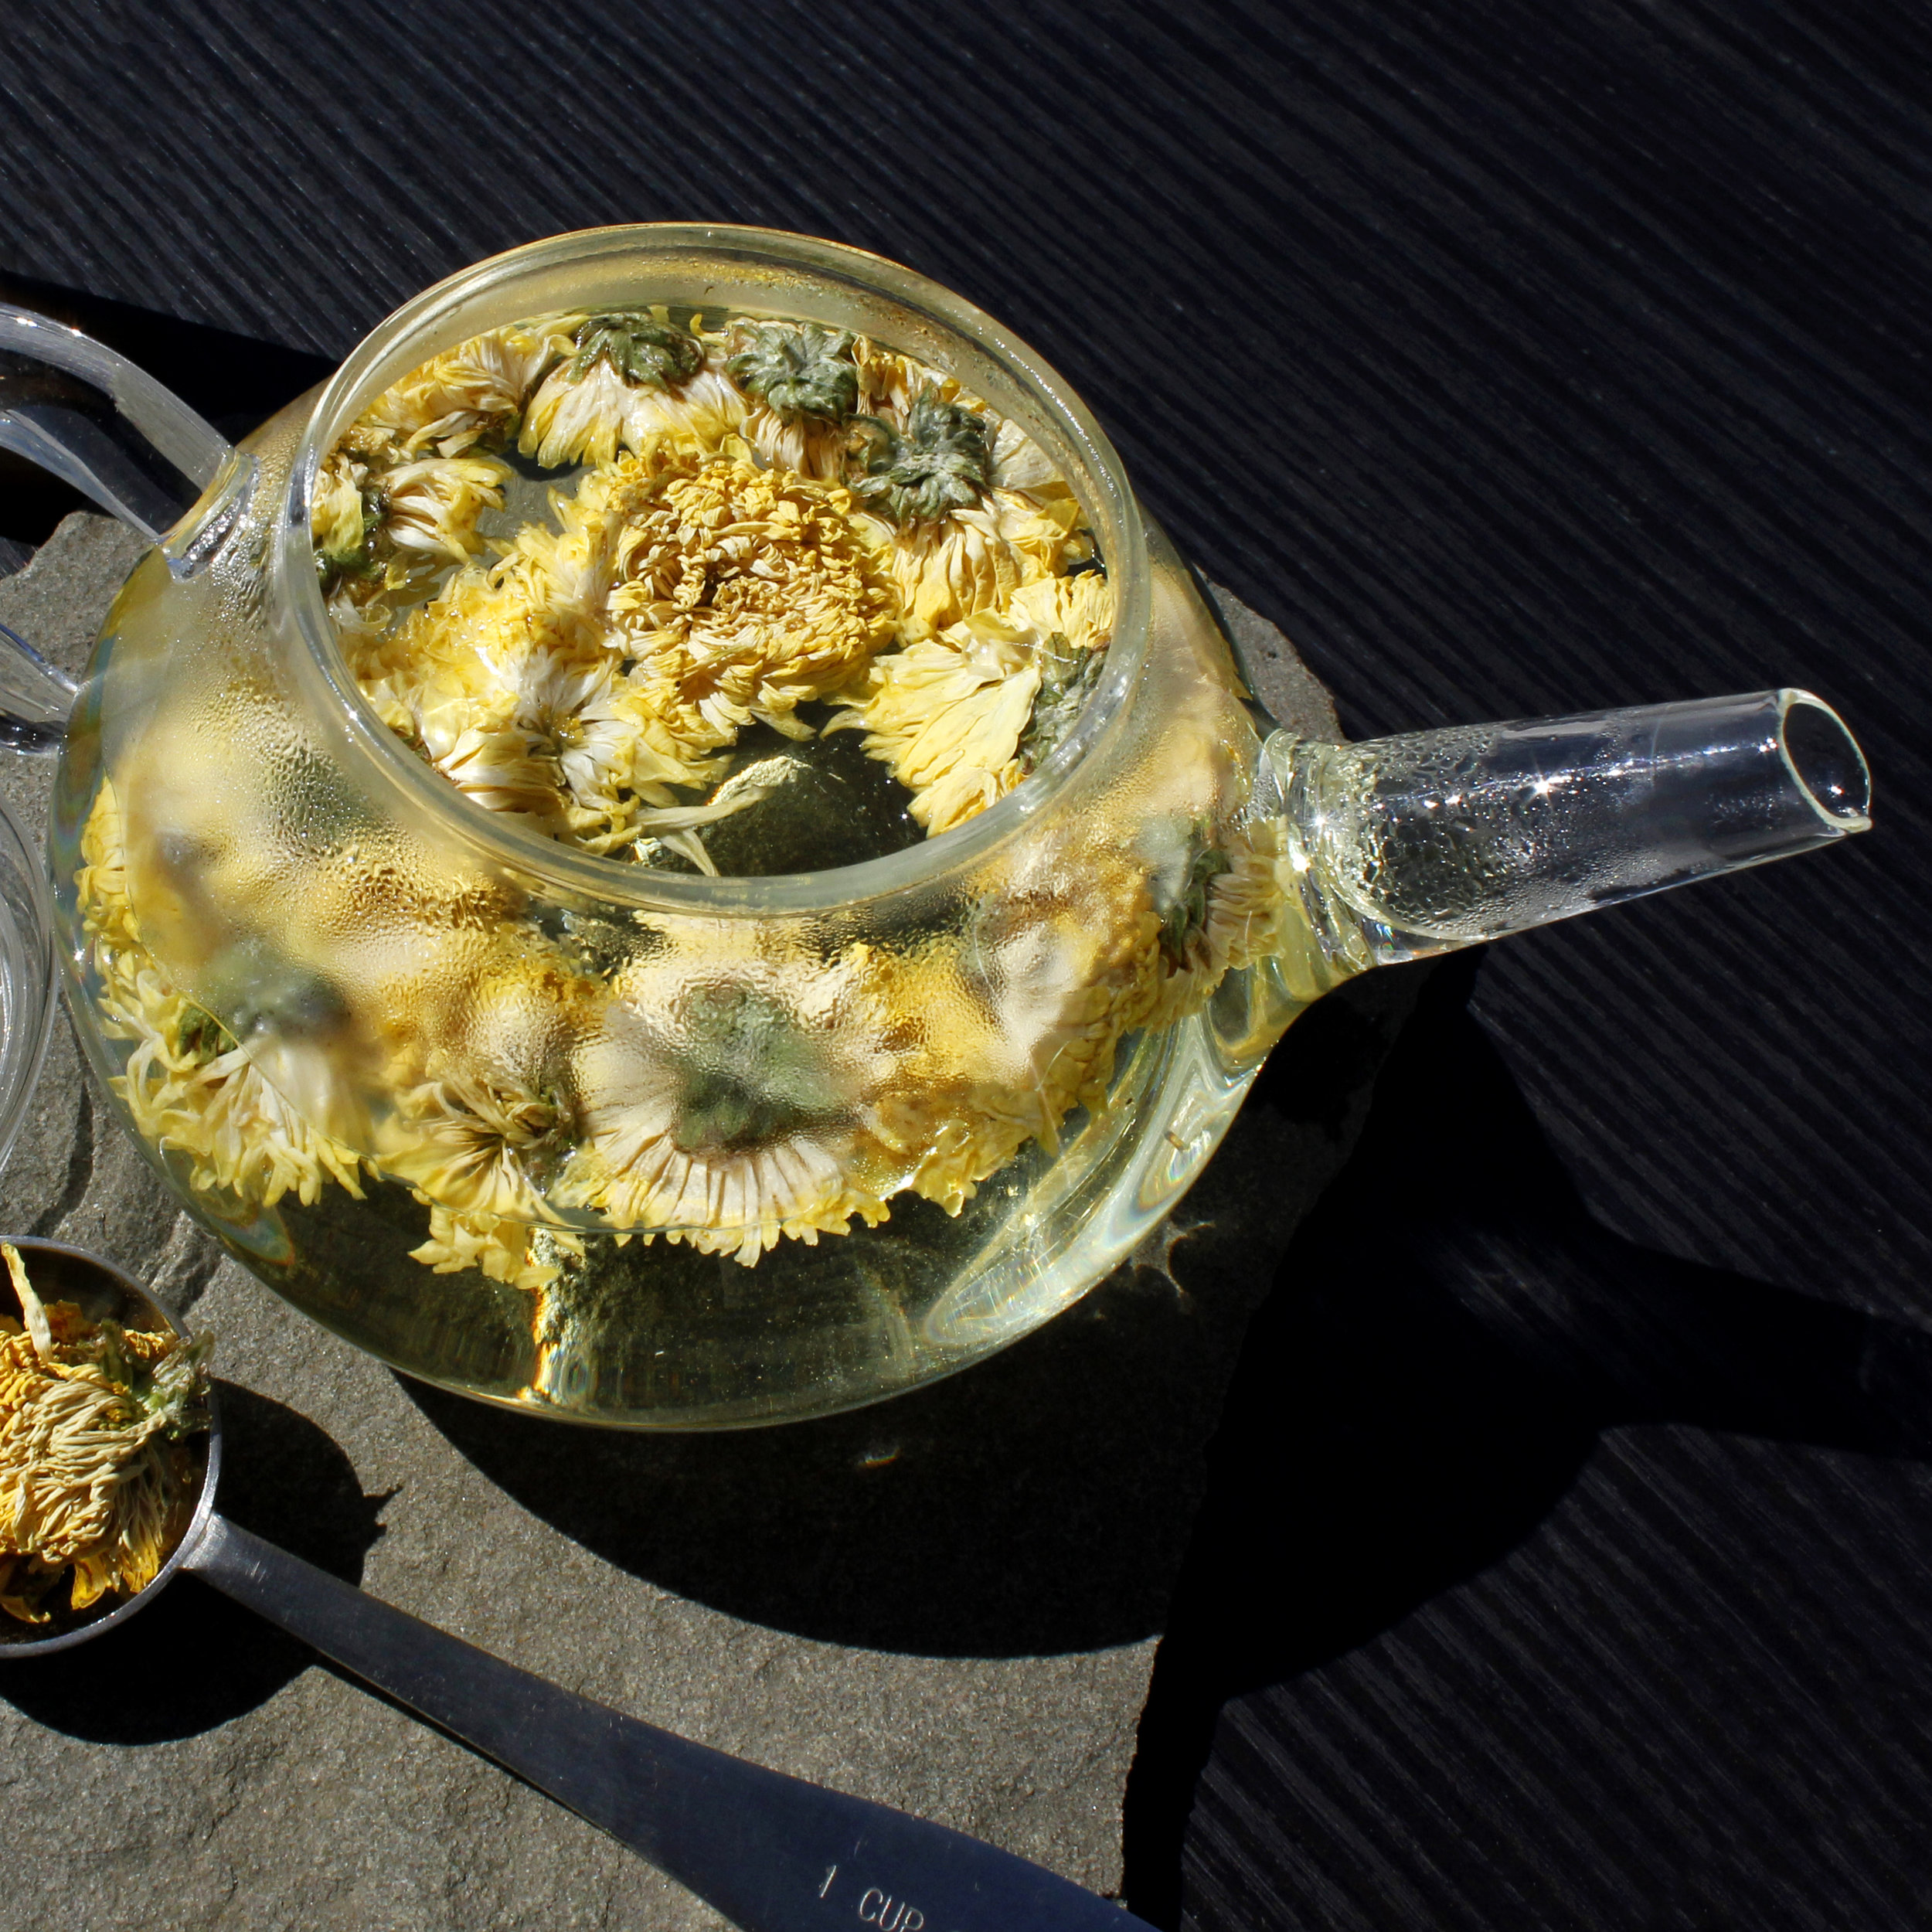 chrysanthemum-flowers-herbal-tisane-itw.jpg